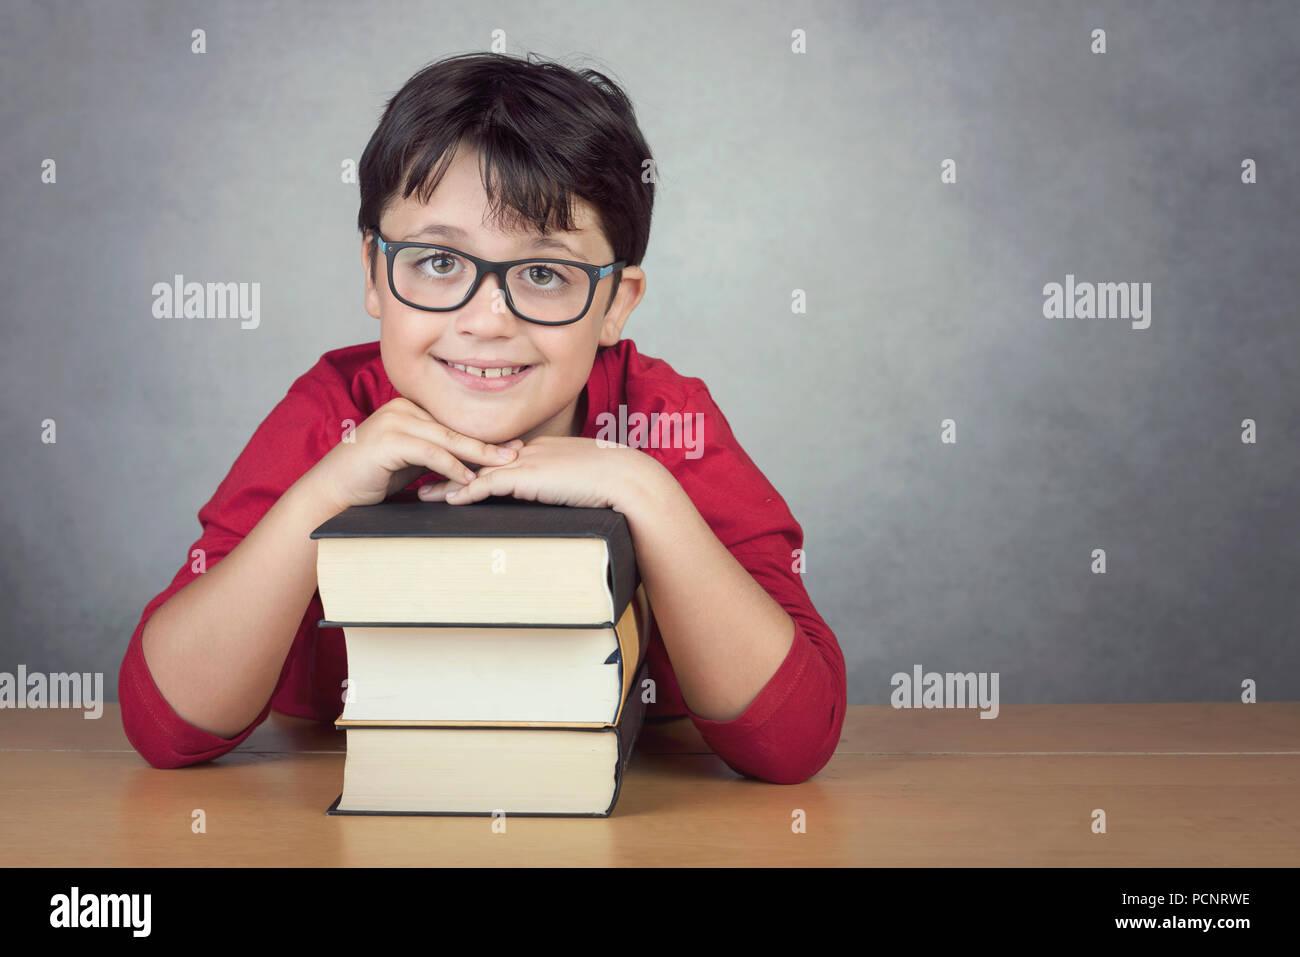 Sorridente ragazzino appoggiato su libri su una tabella su sfondo nero Immagini Stock